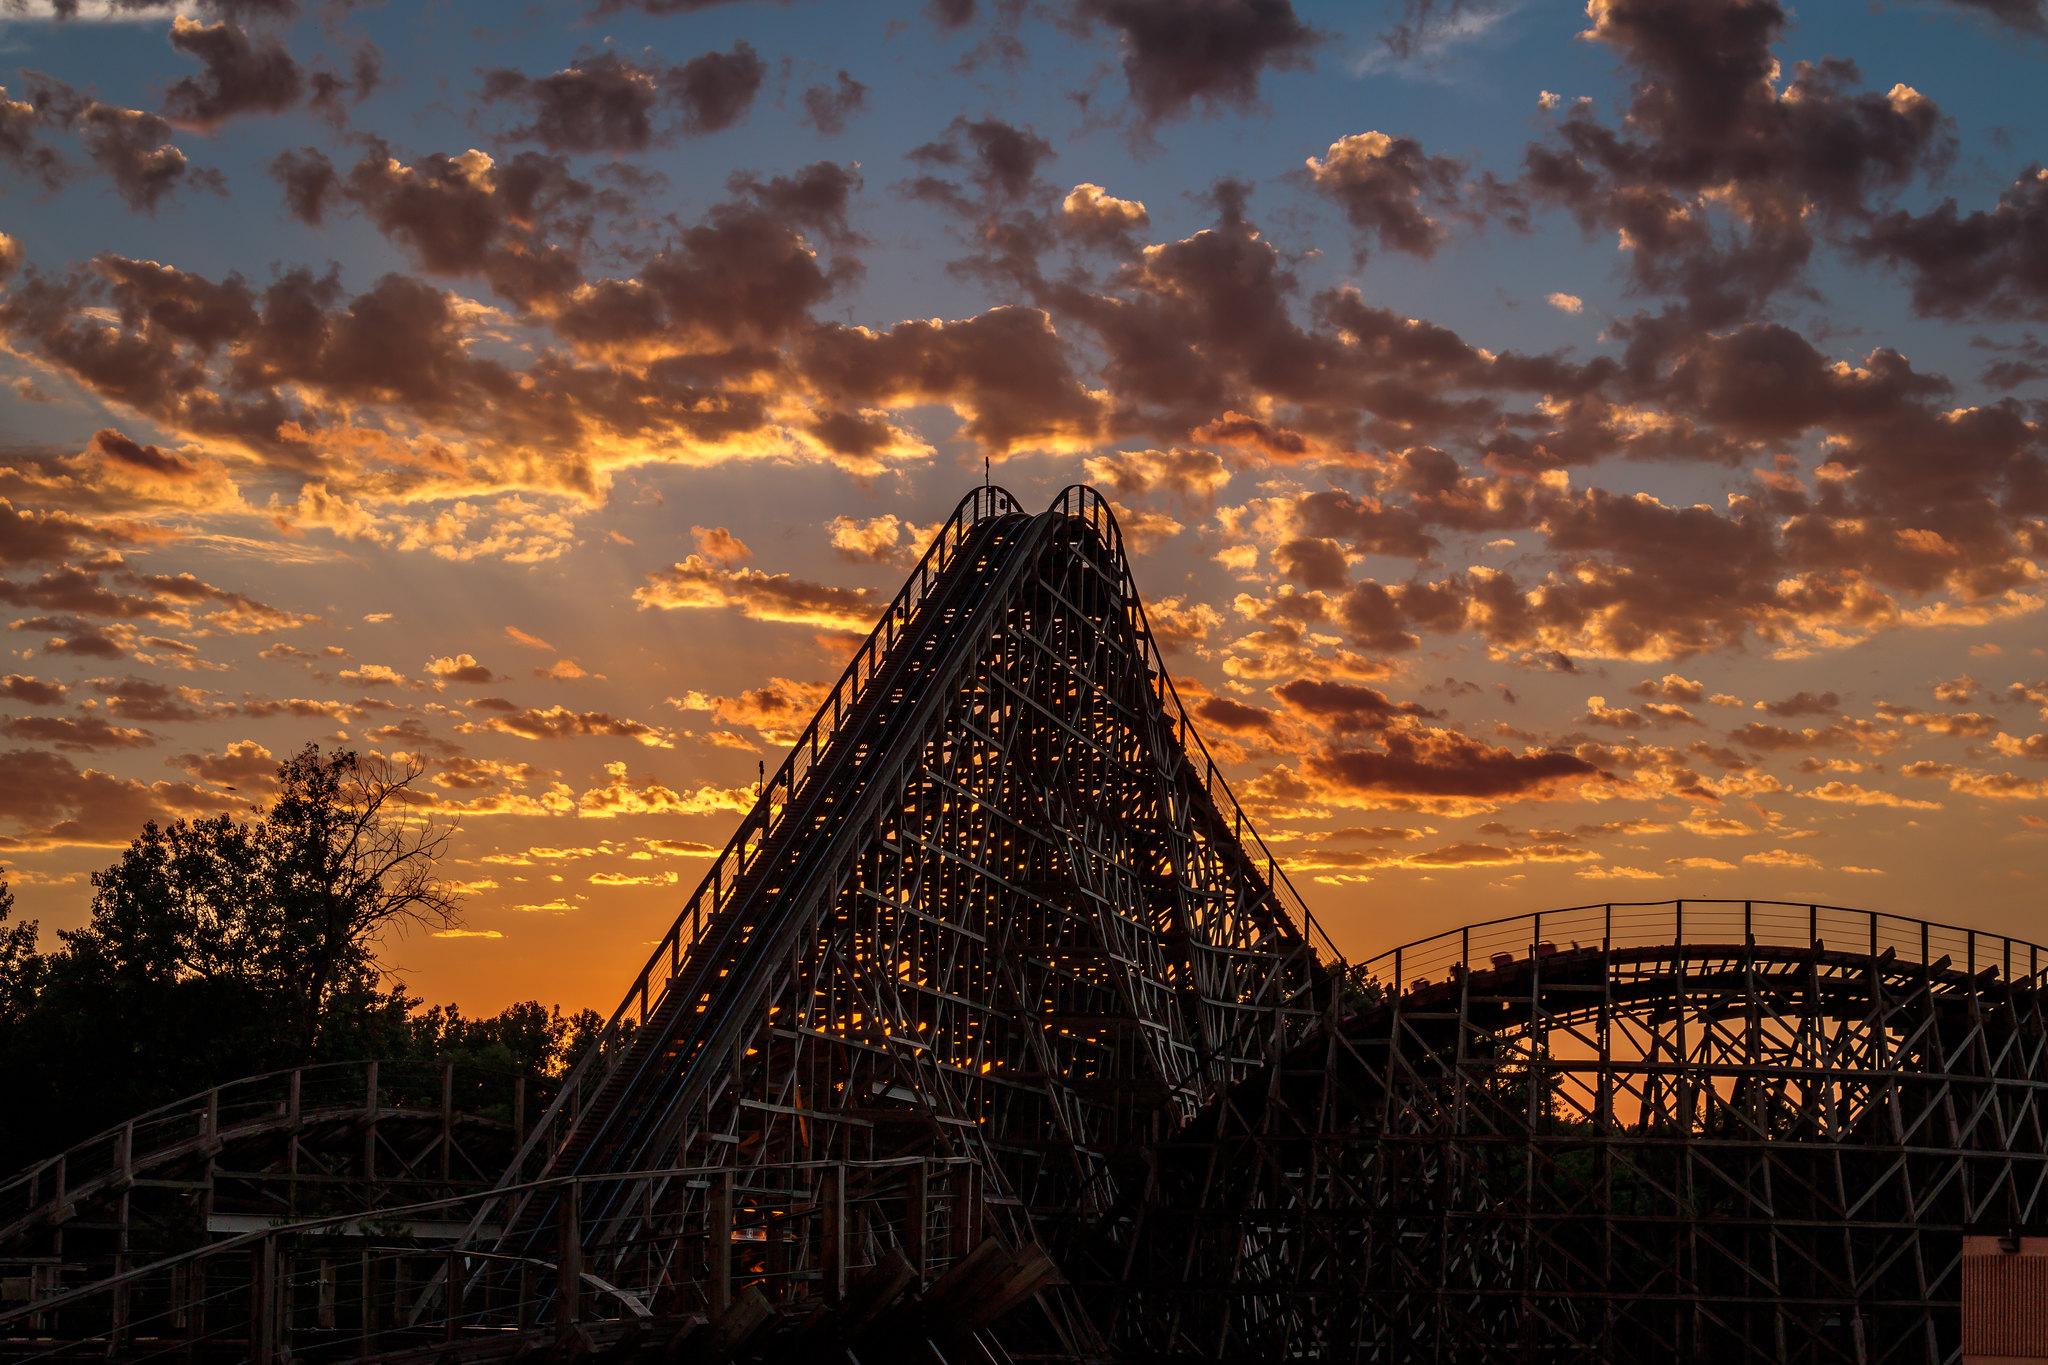 Valleyfair Sunset